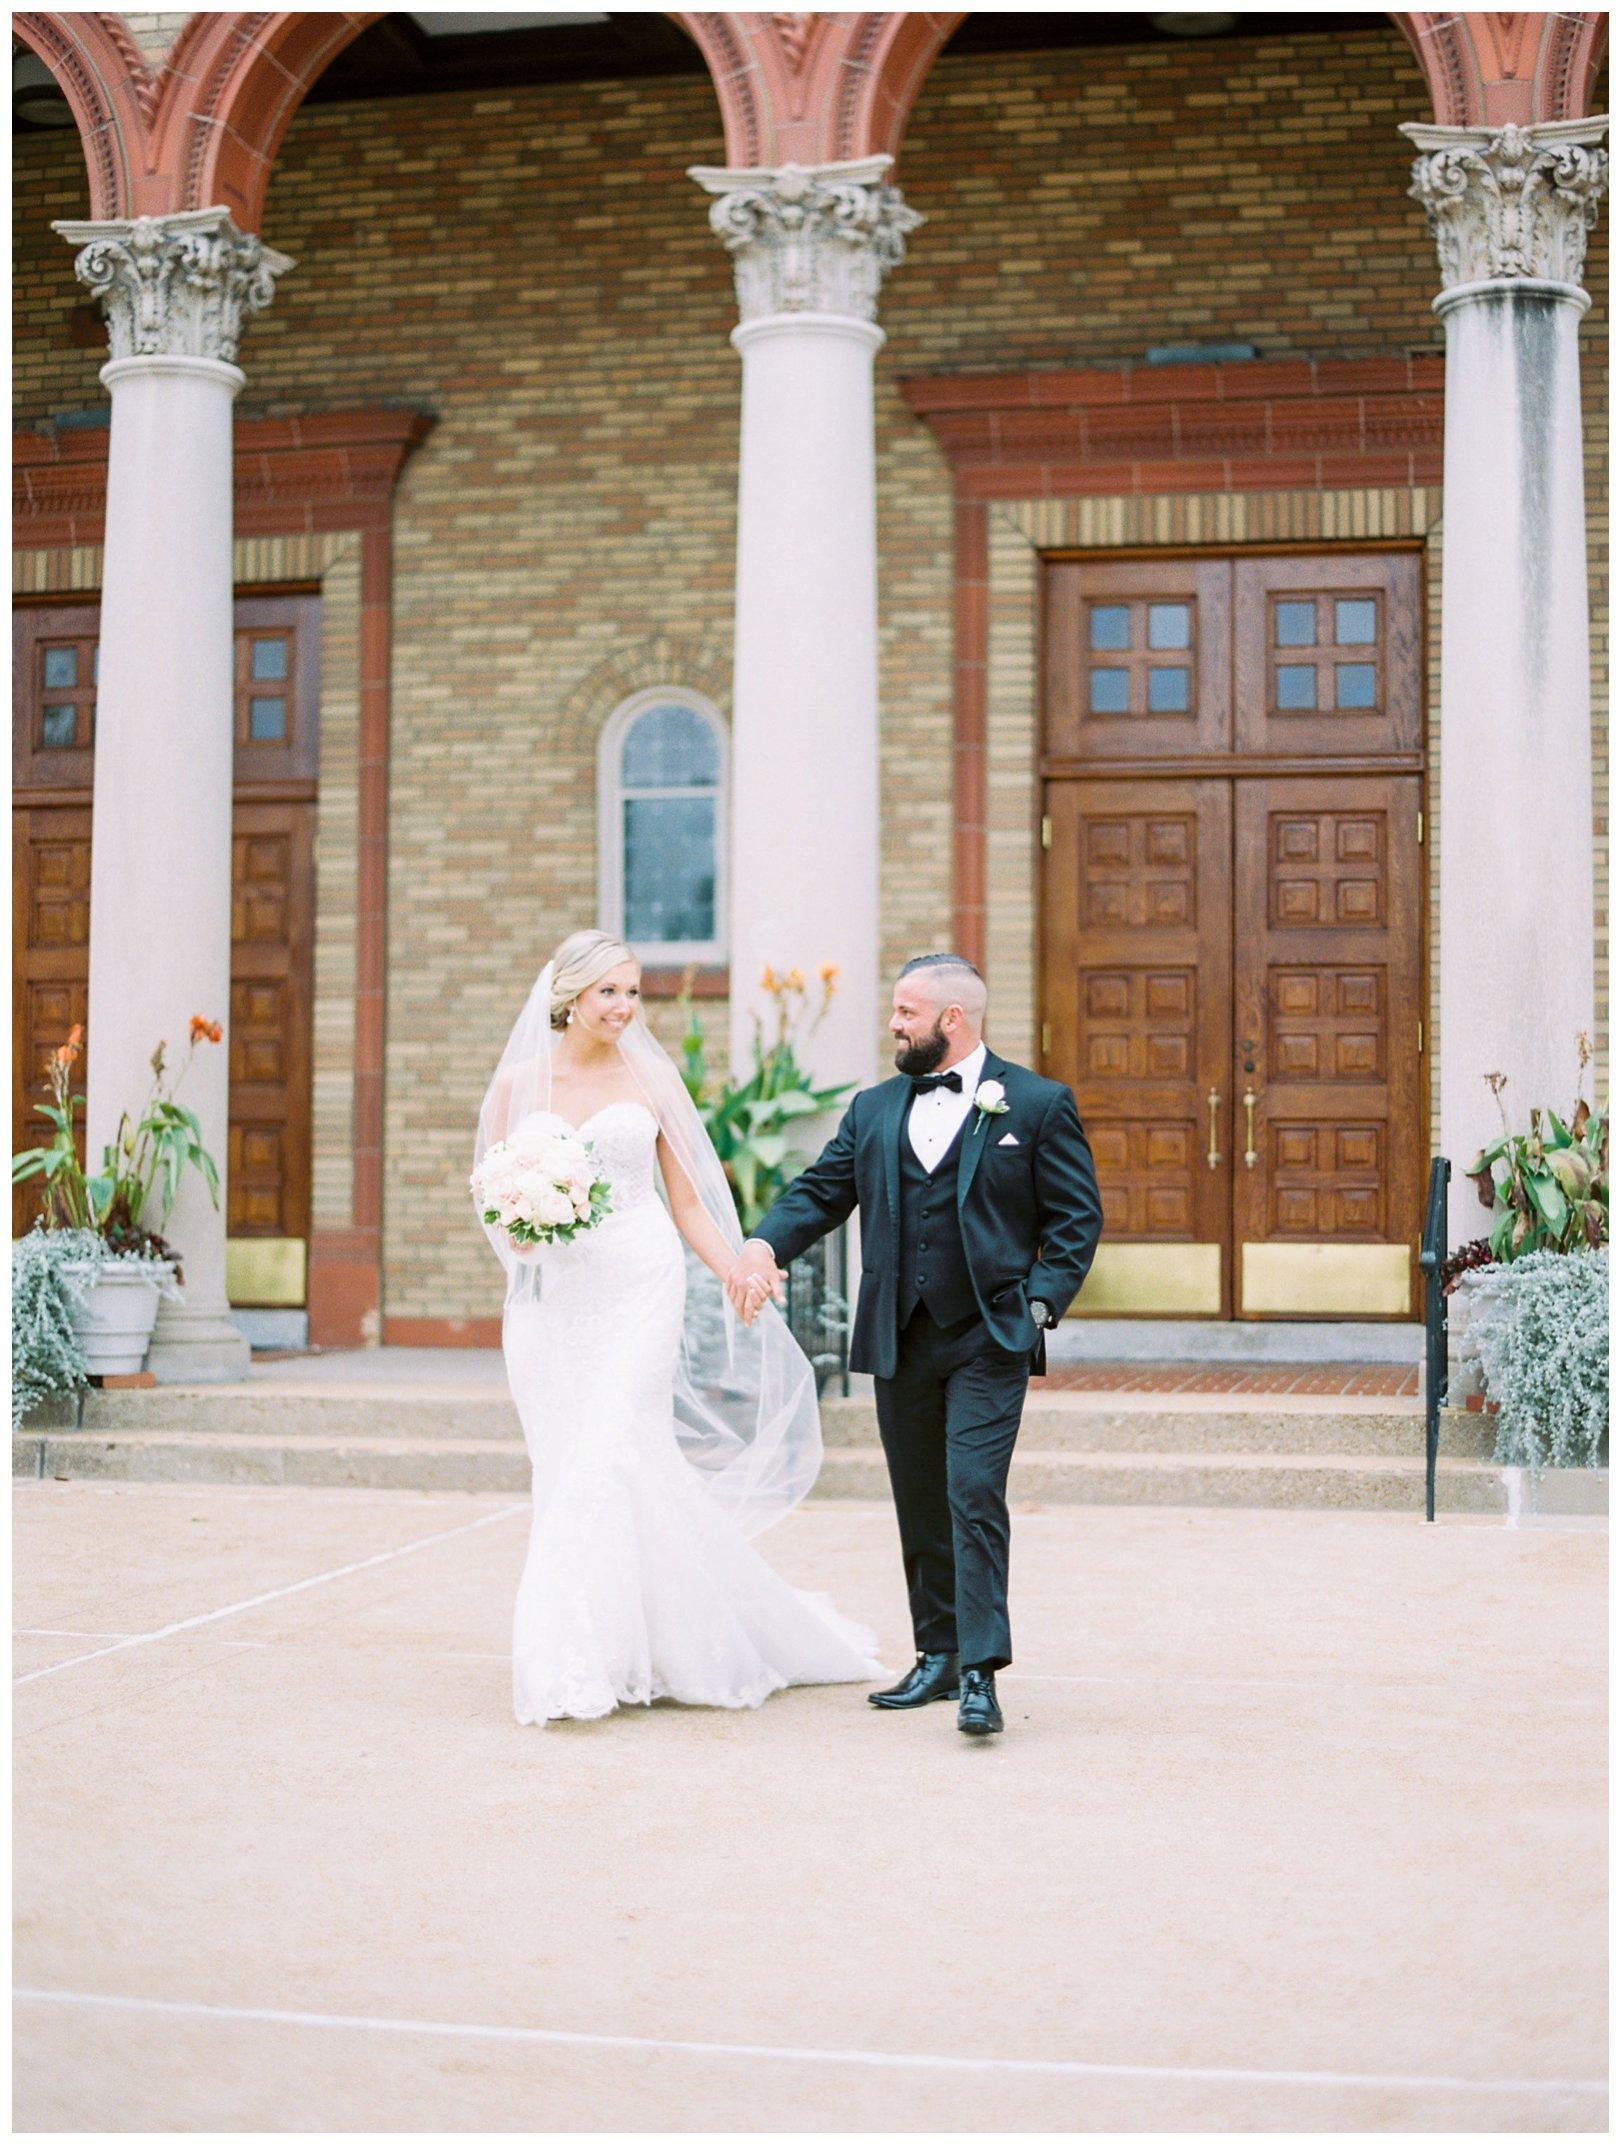 lauren muckler photography_fine art film wedding photography_st louis_photography_2148.jpg